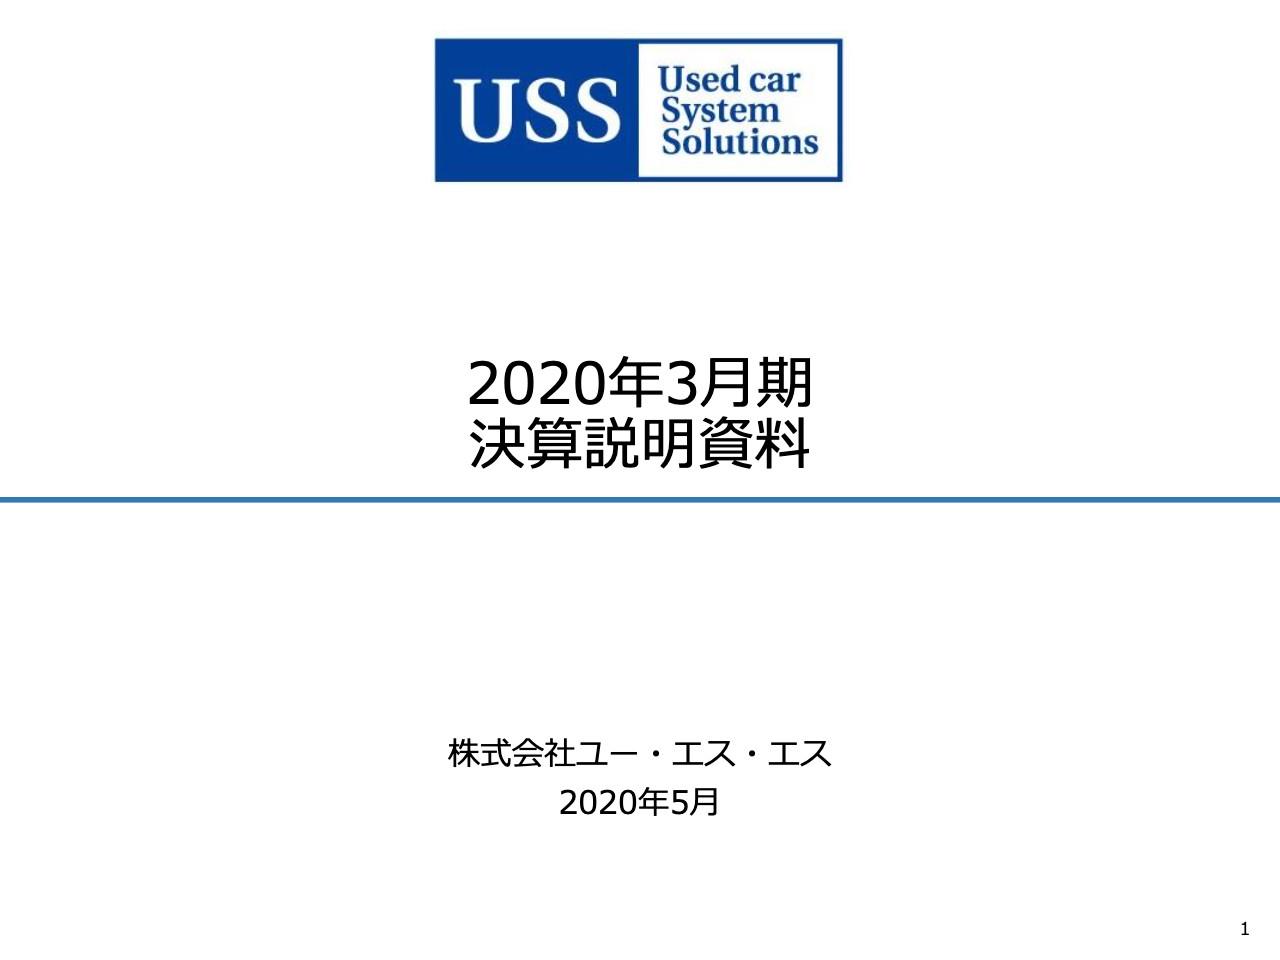 ユー・エス・エス、通期は減収減益 10月以降の消費税増税による新車販売の不調やコロナが影響